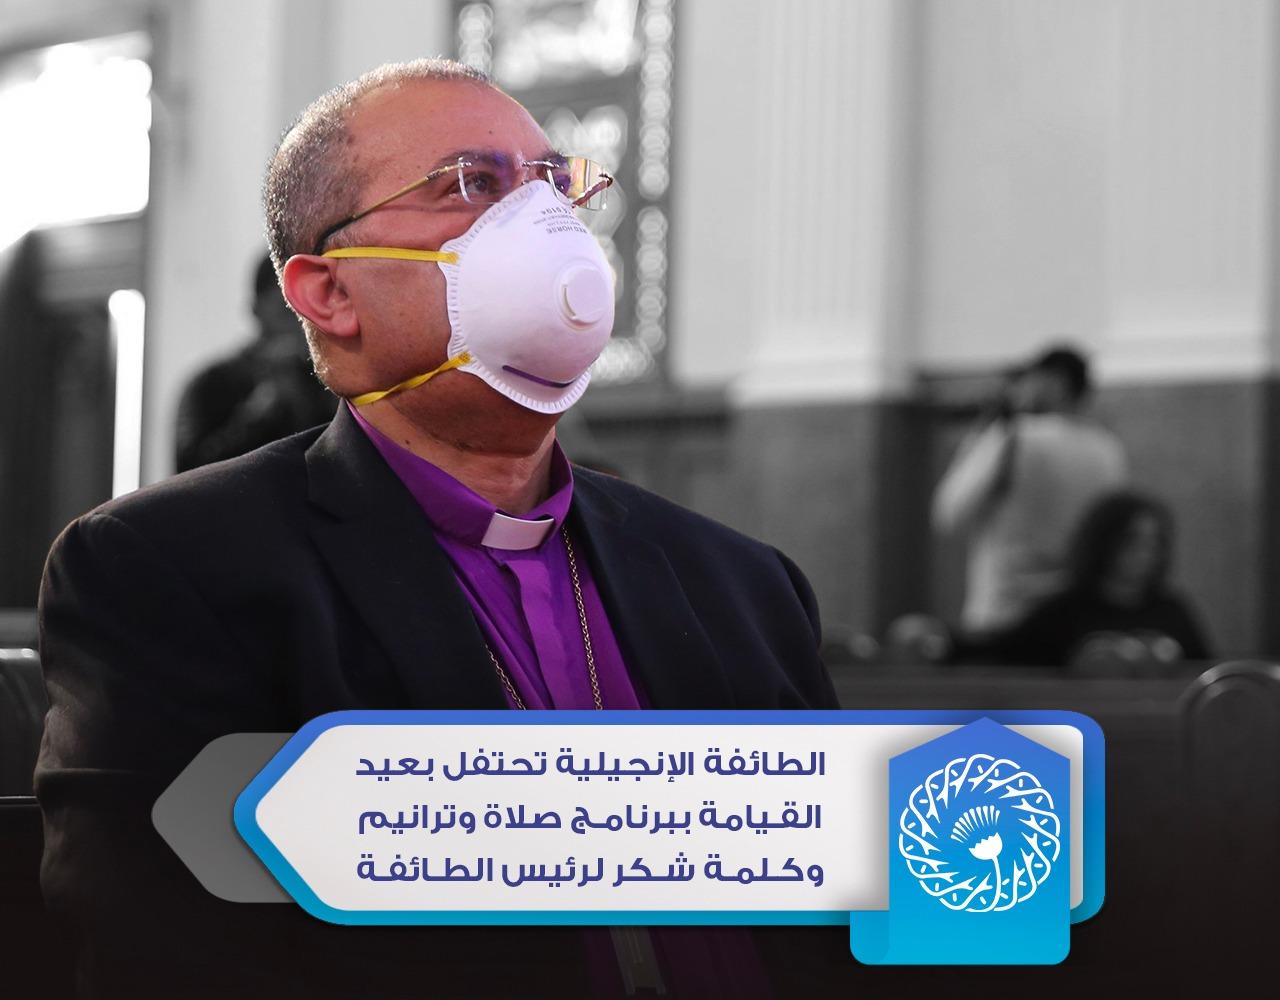 """""""الإنجيلية"""" تحتفل بالقيامة غدًا بكلمة شكر لرئيسها وفقرات صلاة وترانيم وموسيقى"""